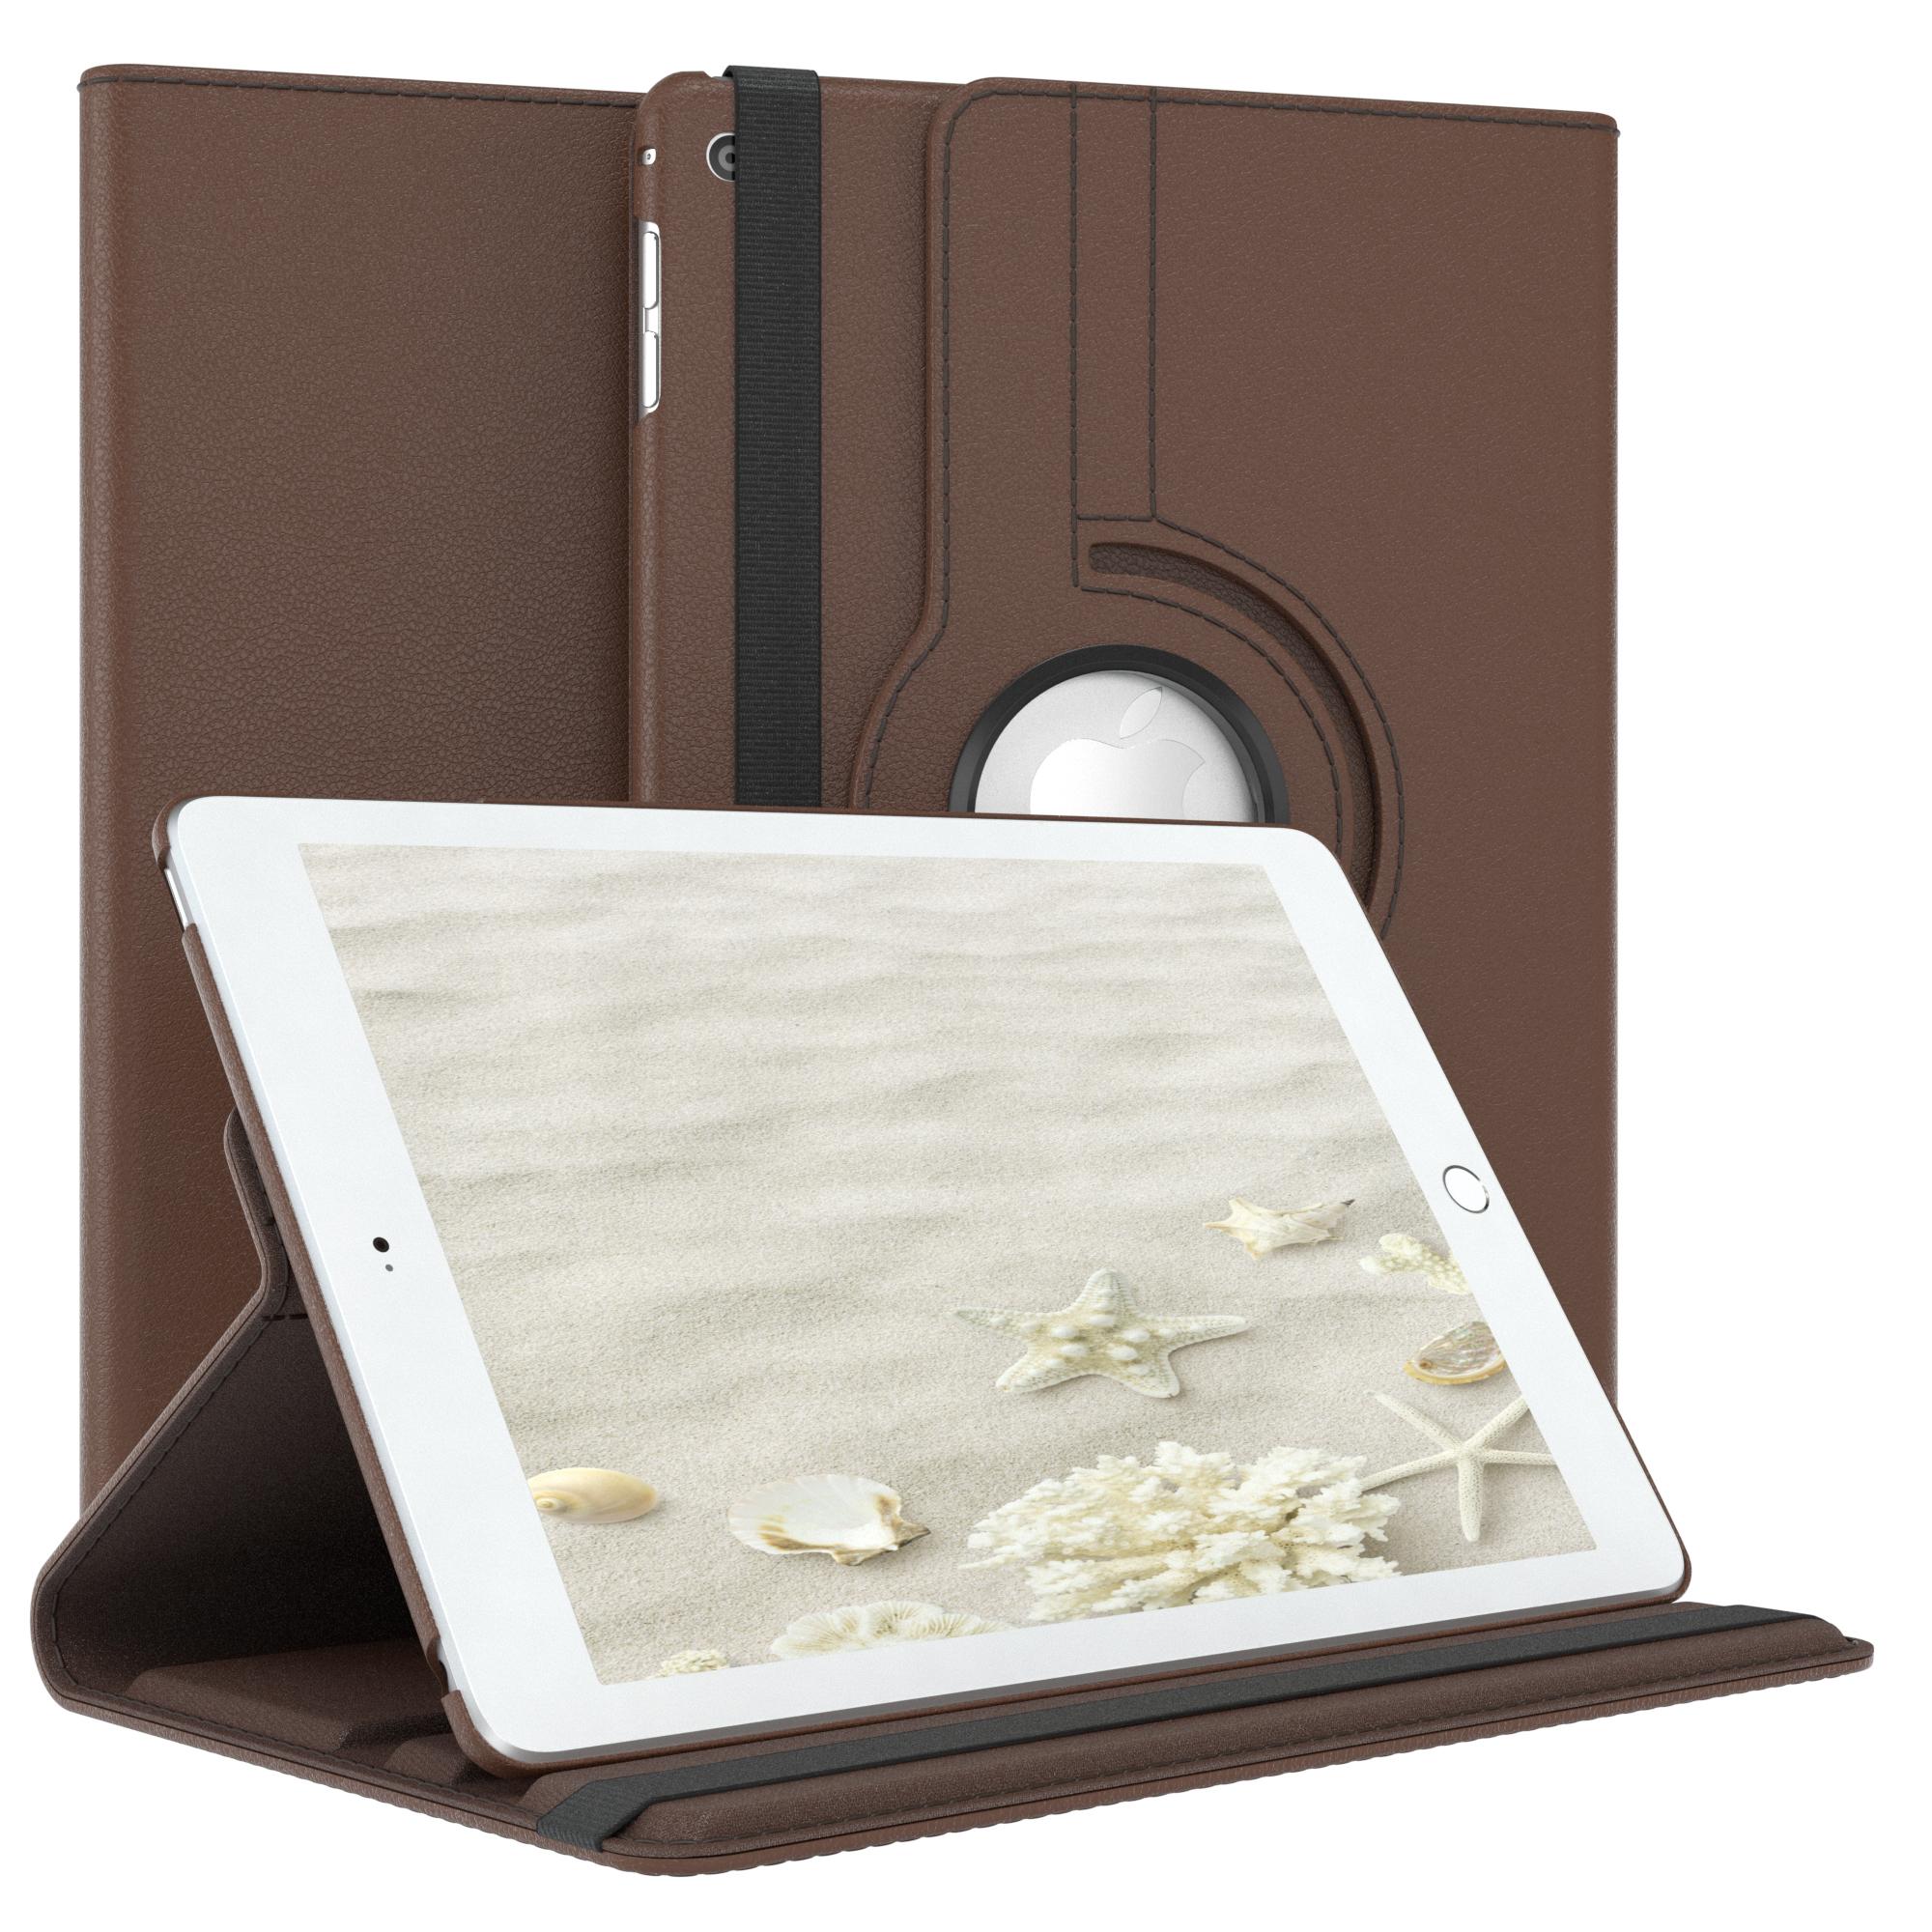 Tasche-fuer-Apple-iPad-Smart-Case-Schutz-Huelle-Etui-Tasche-Bumper-Flip-Cover-360 Indexbild 13